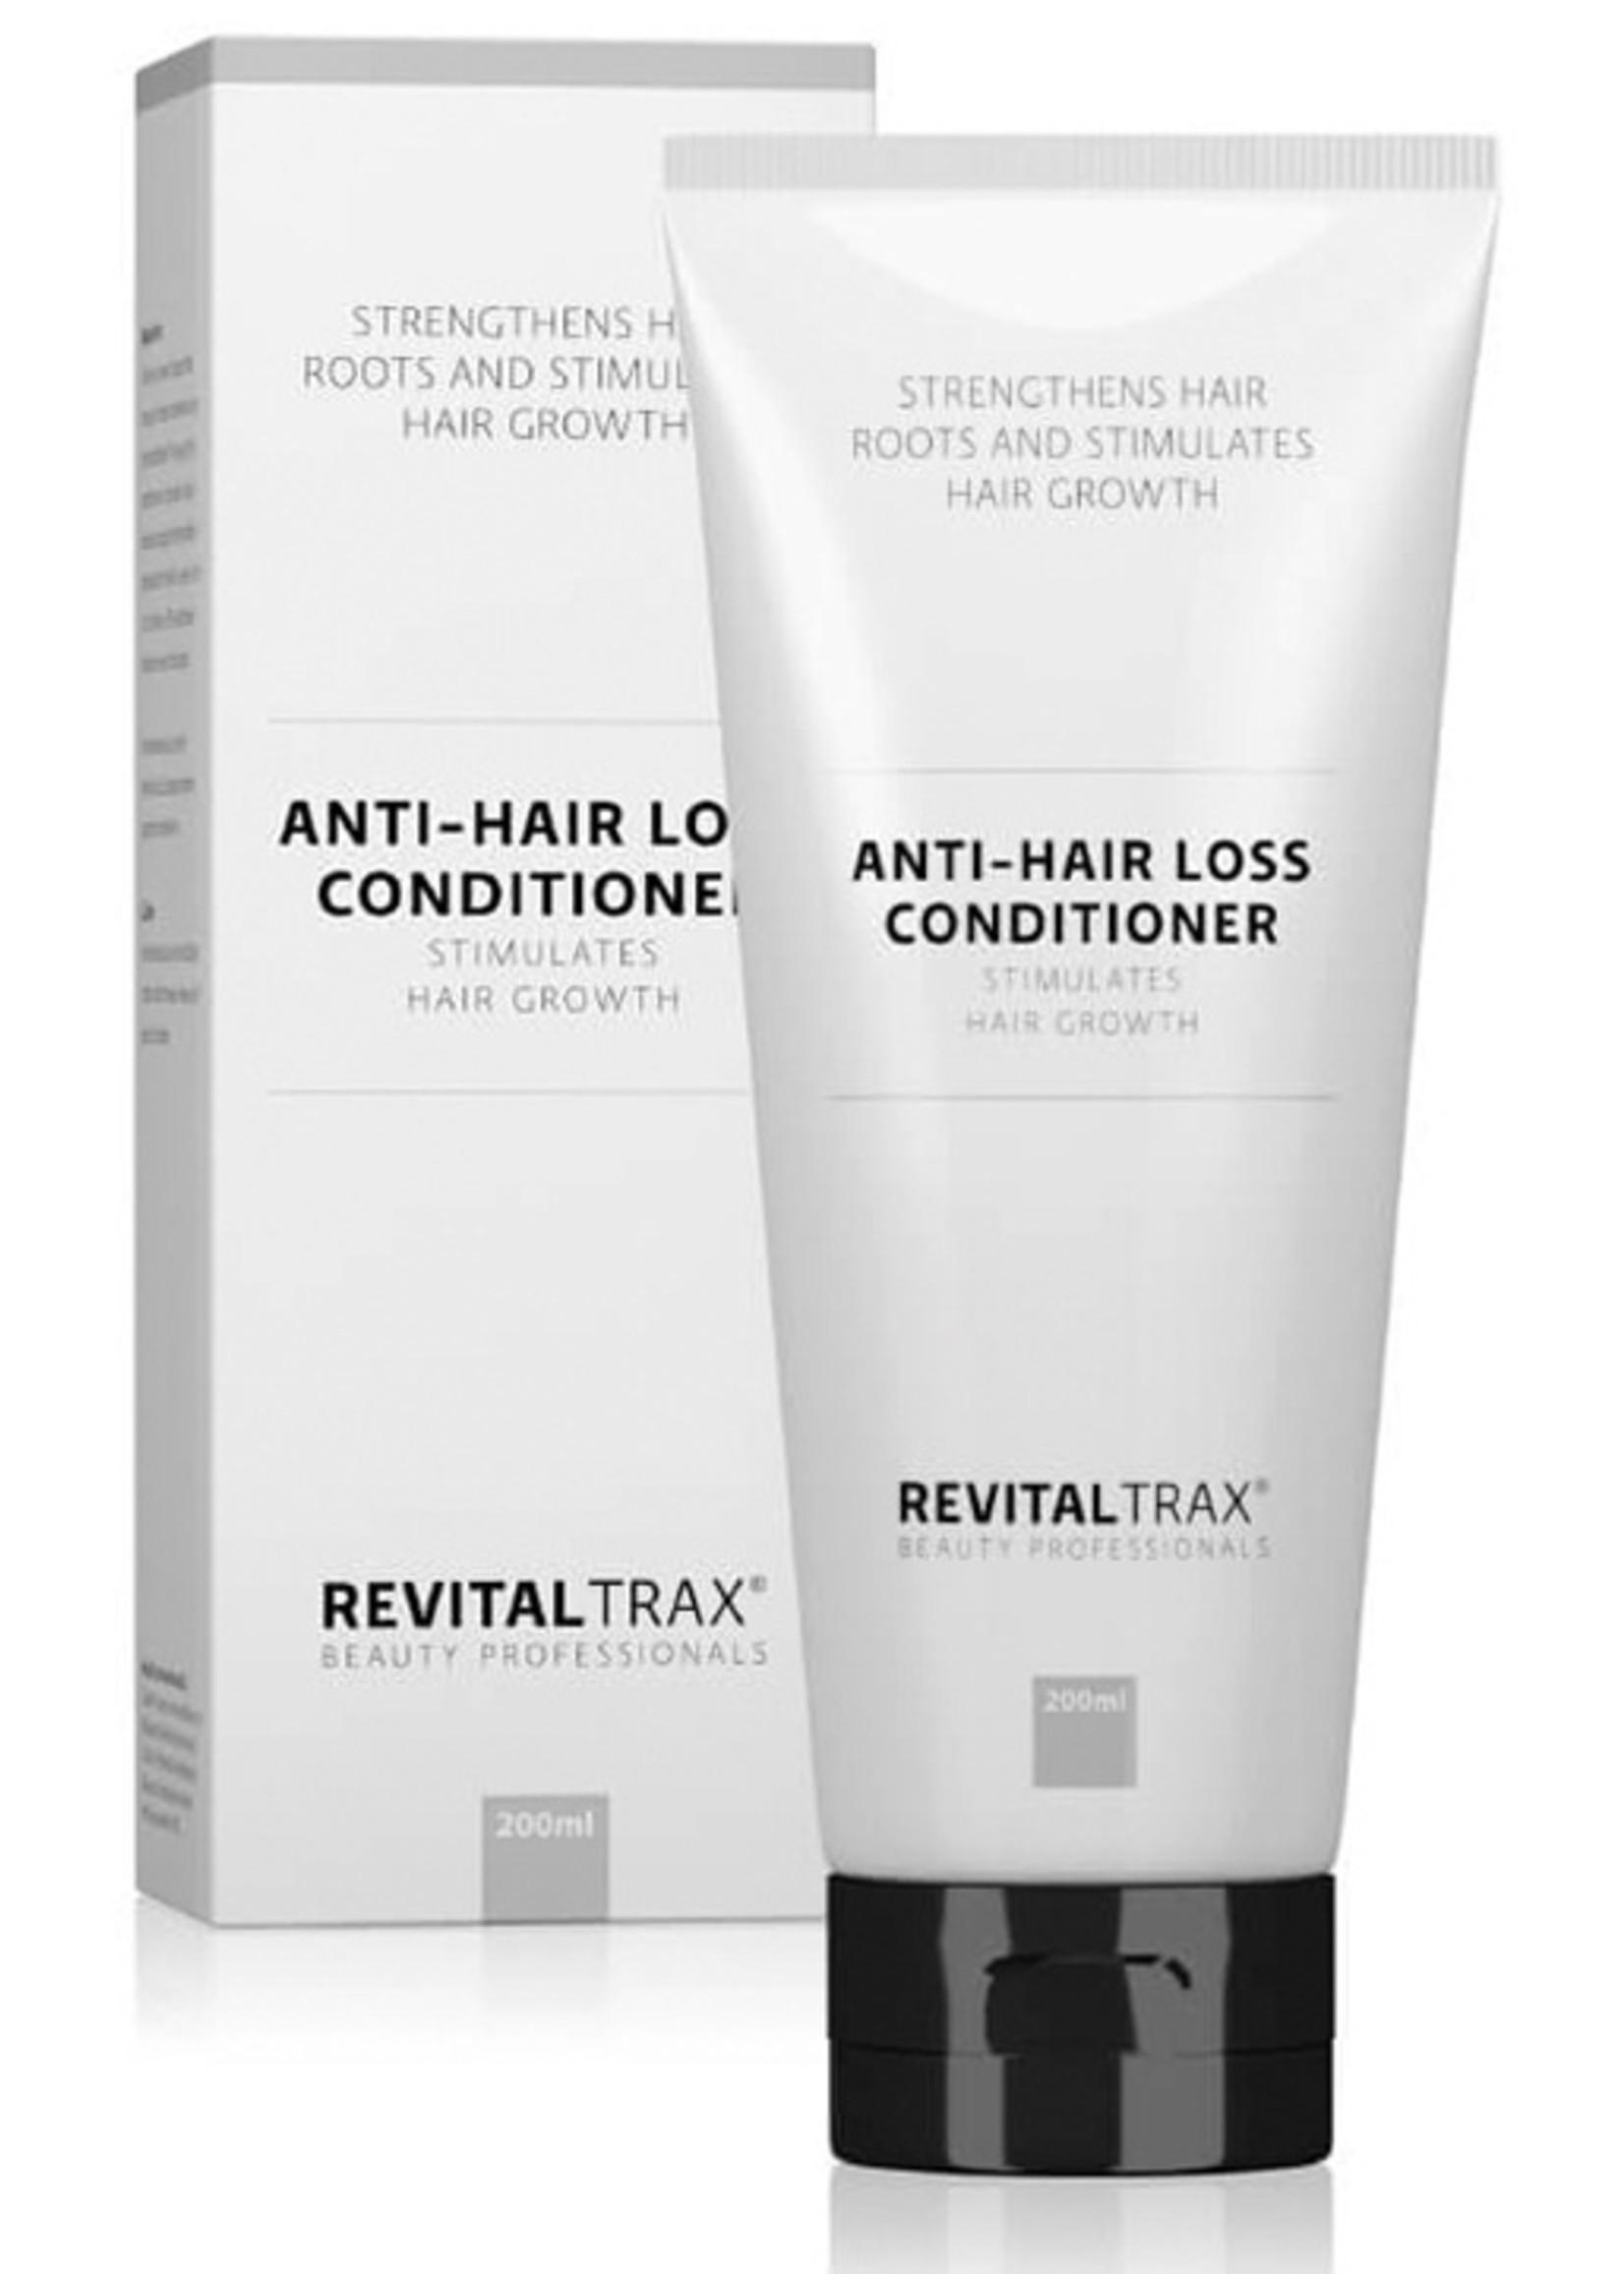 Revitaltrax Anti Hair Loss Conditioner